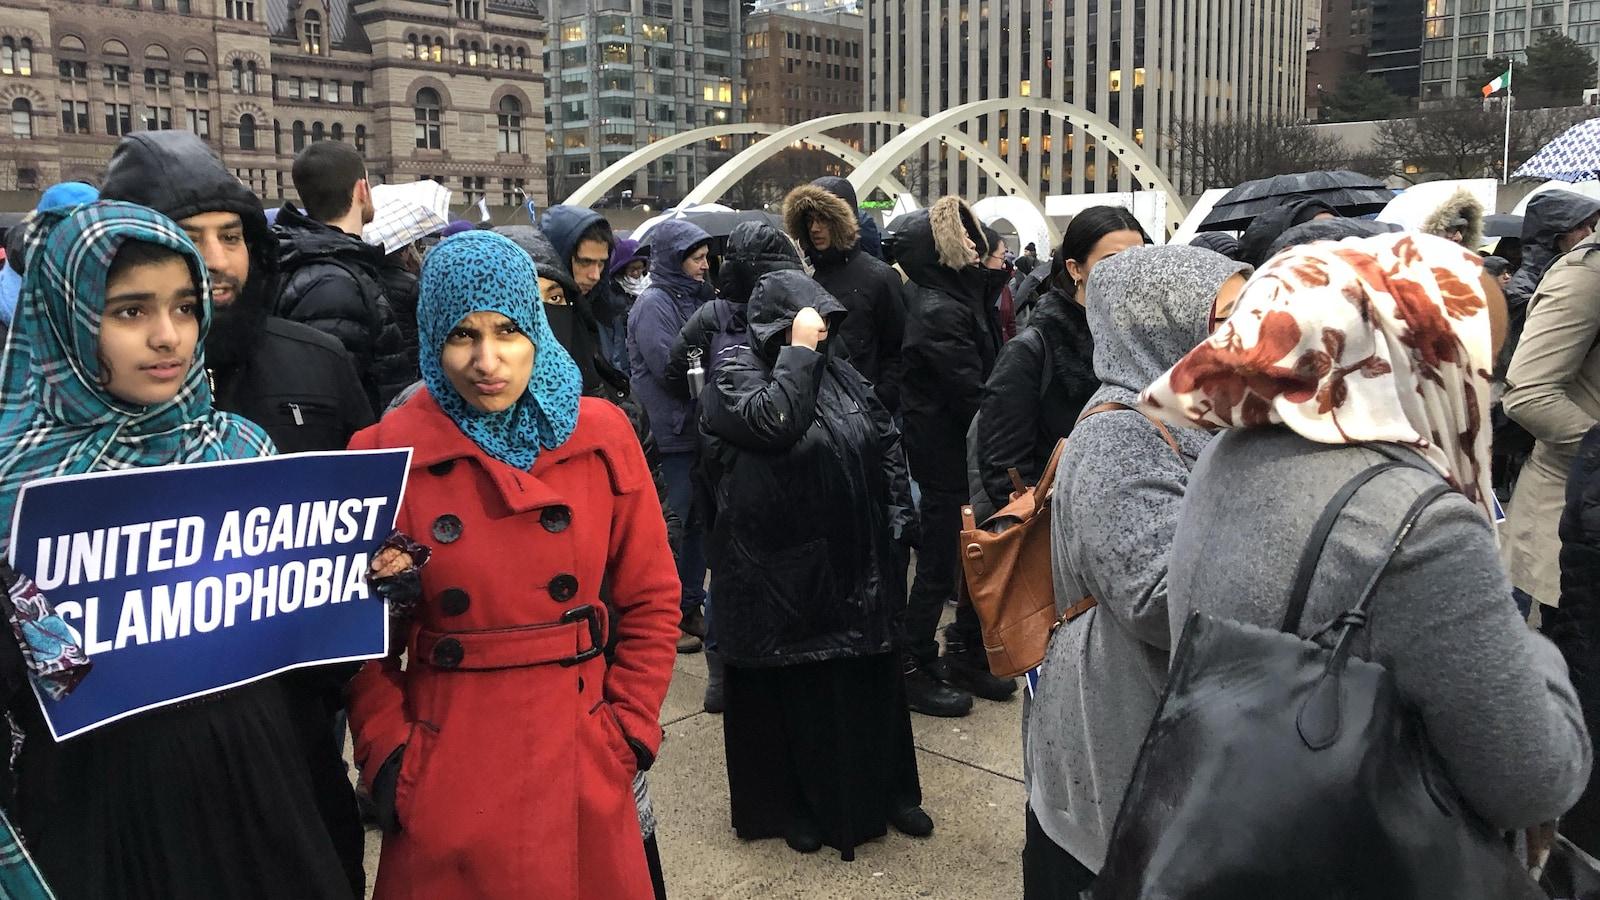 Une foule de personnes réunies devant l'hôtel de ville, dont une femme au premier plan qui tiennent une pancarte avec écrit « unis contre l'islamophobie ».